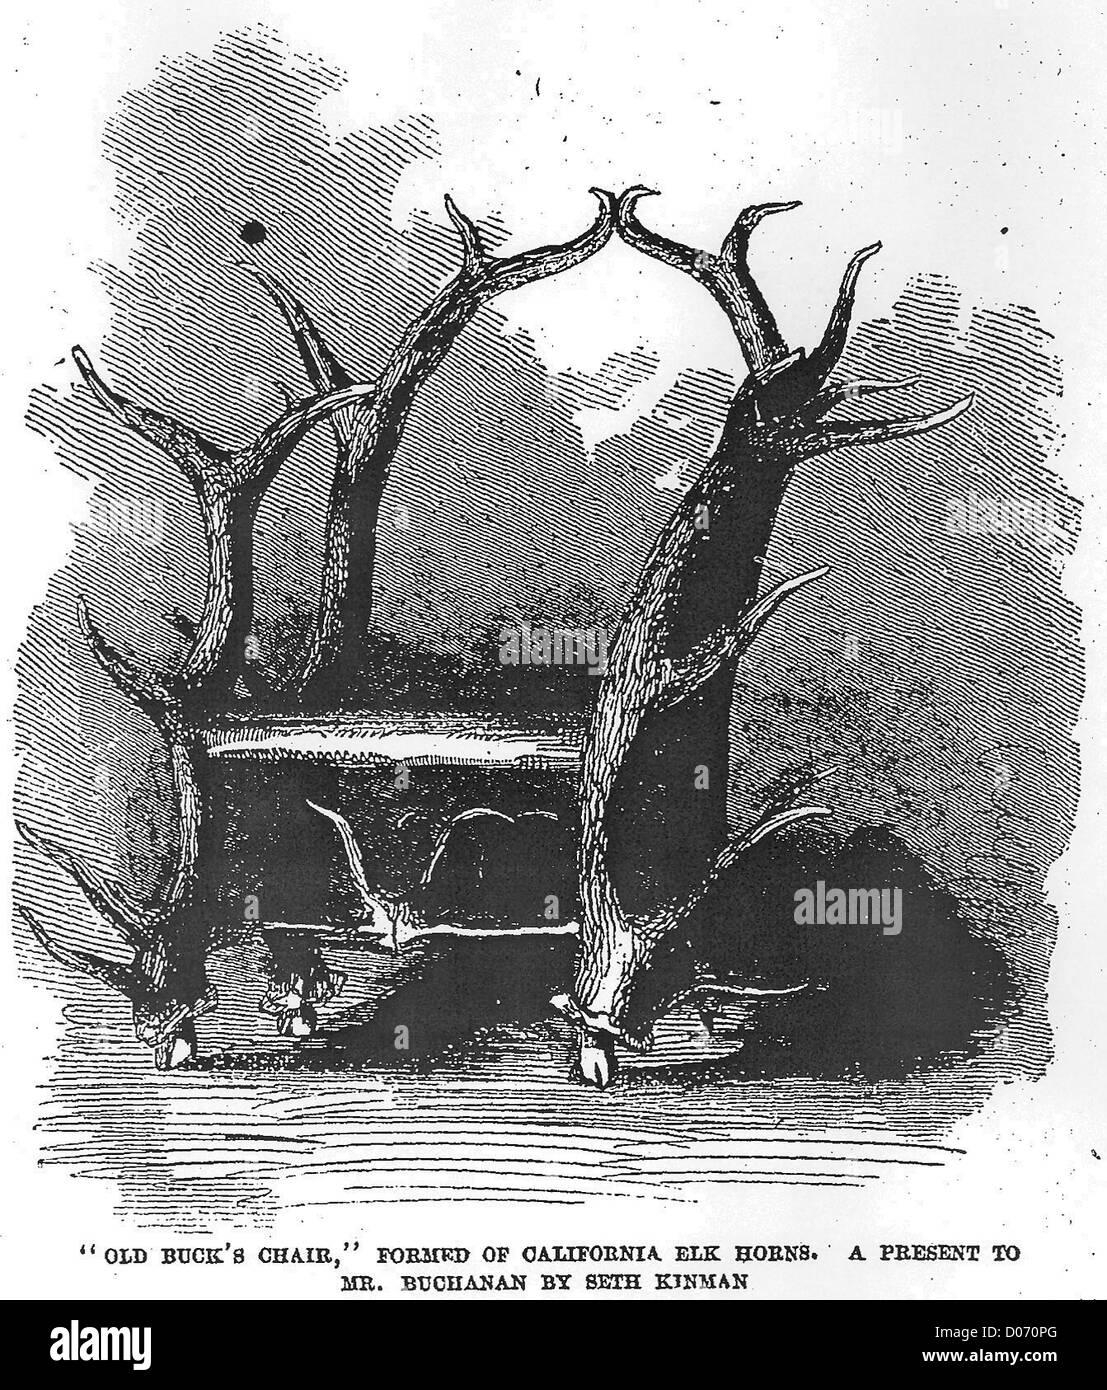 Immagine di un elkhorn sedia, realizzato da Seth Kinman, presentato al Presidente Buchanan nel 1857 Immagini Stock